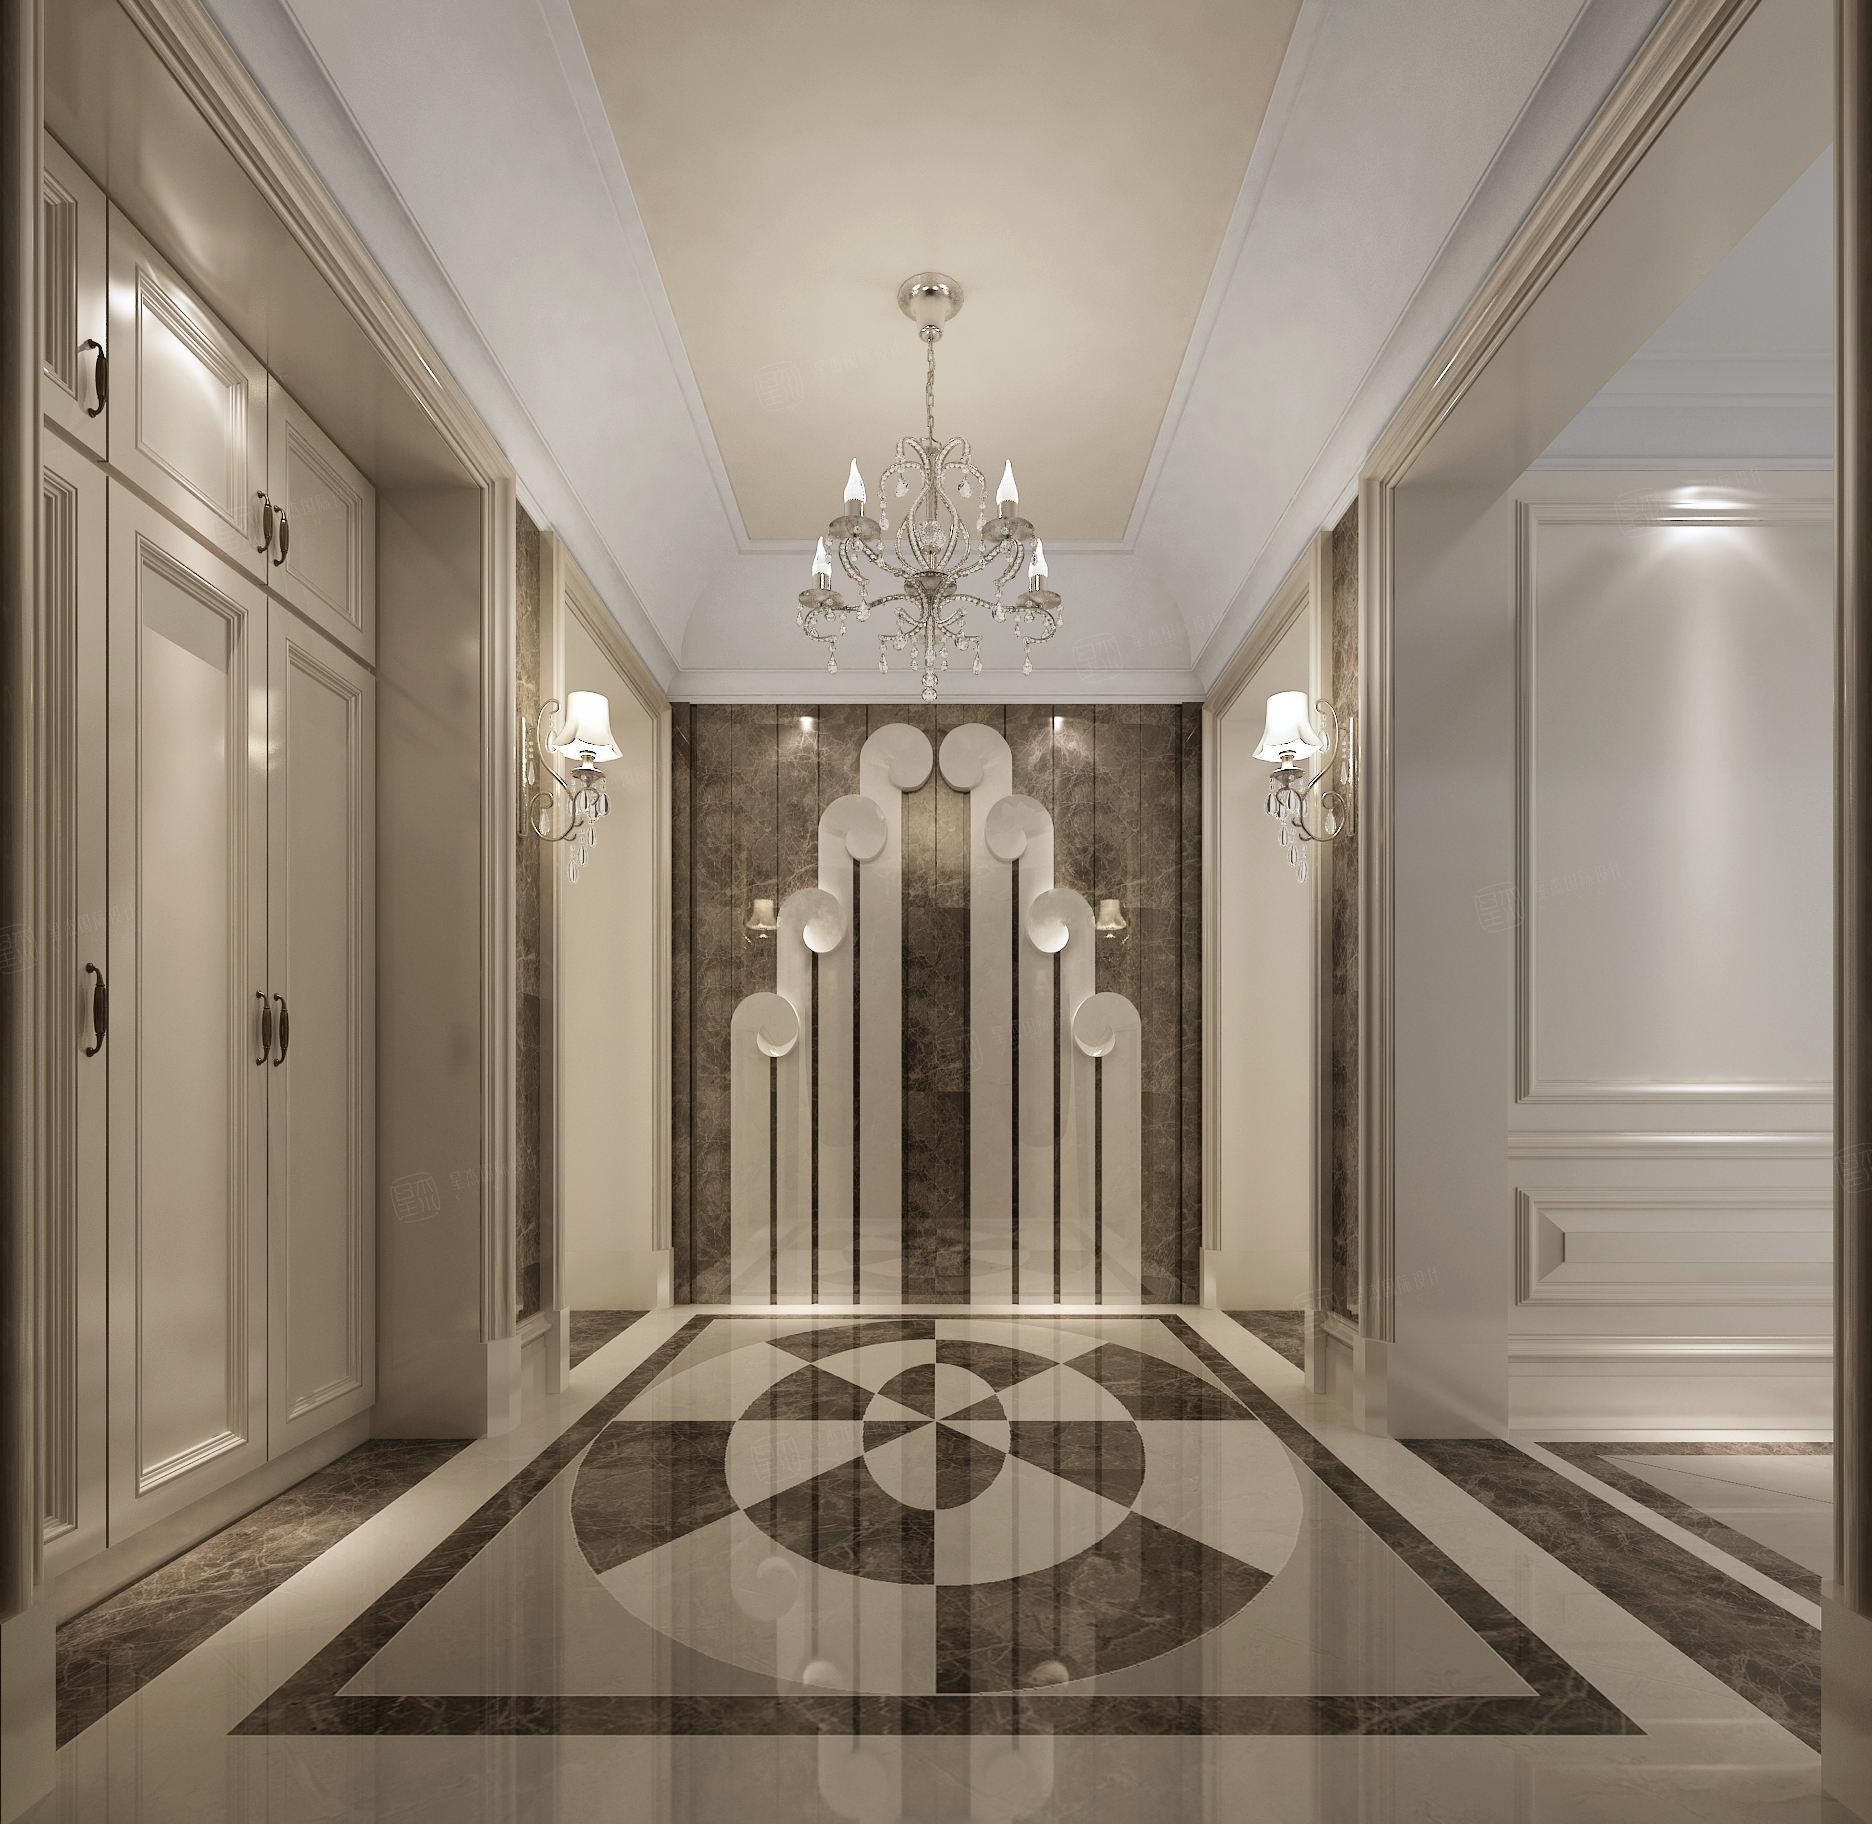 兰馨公寓 新装饰主义装修门厅效果图